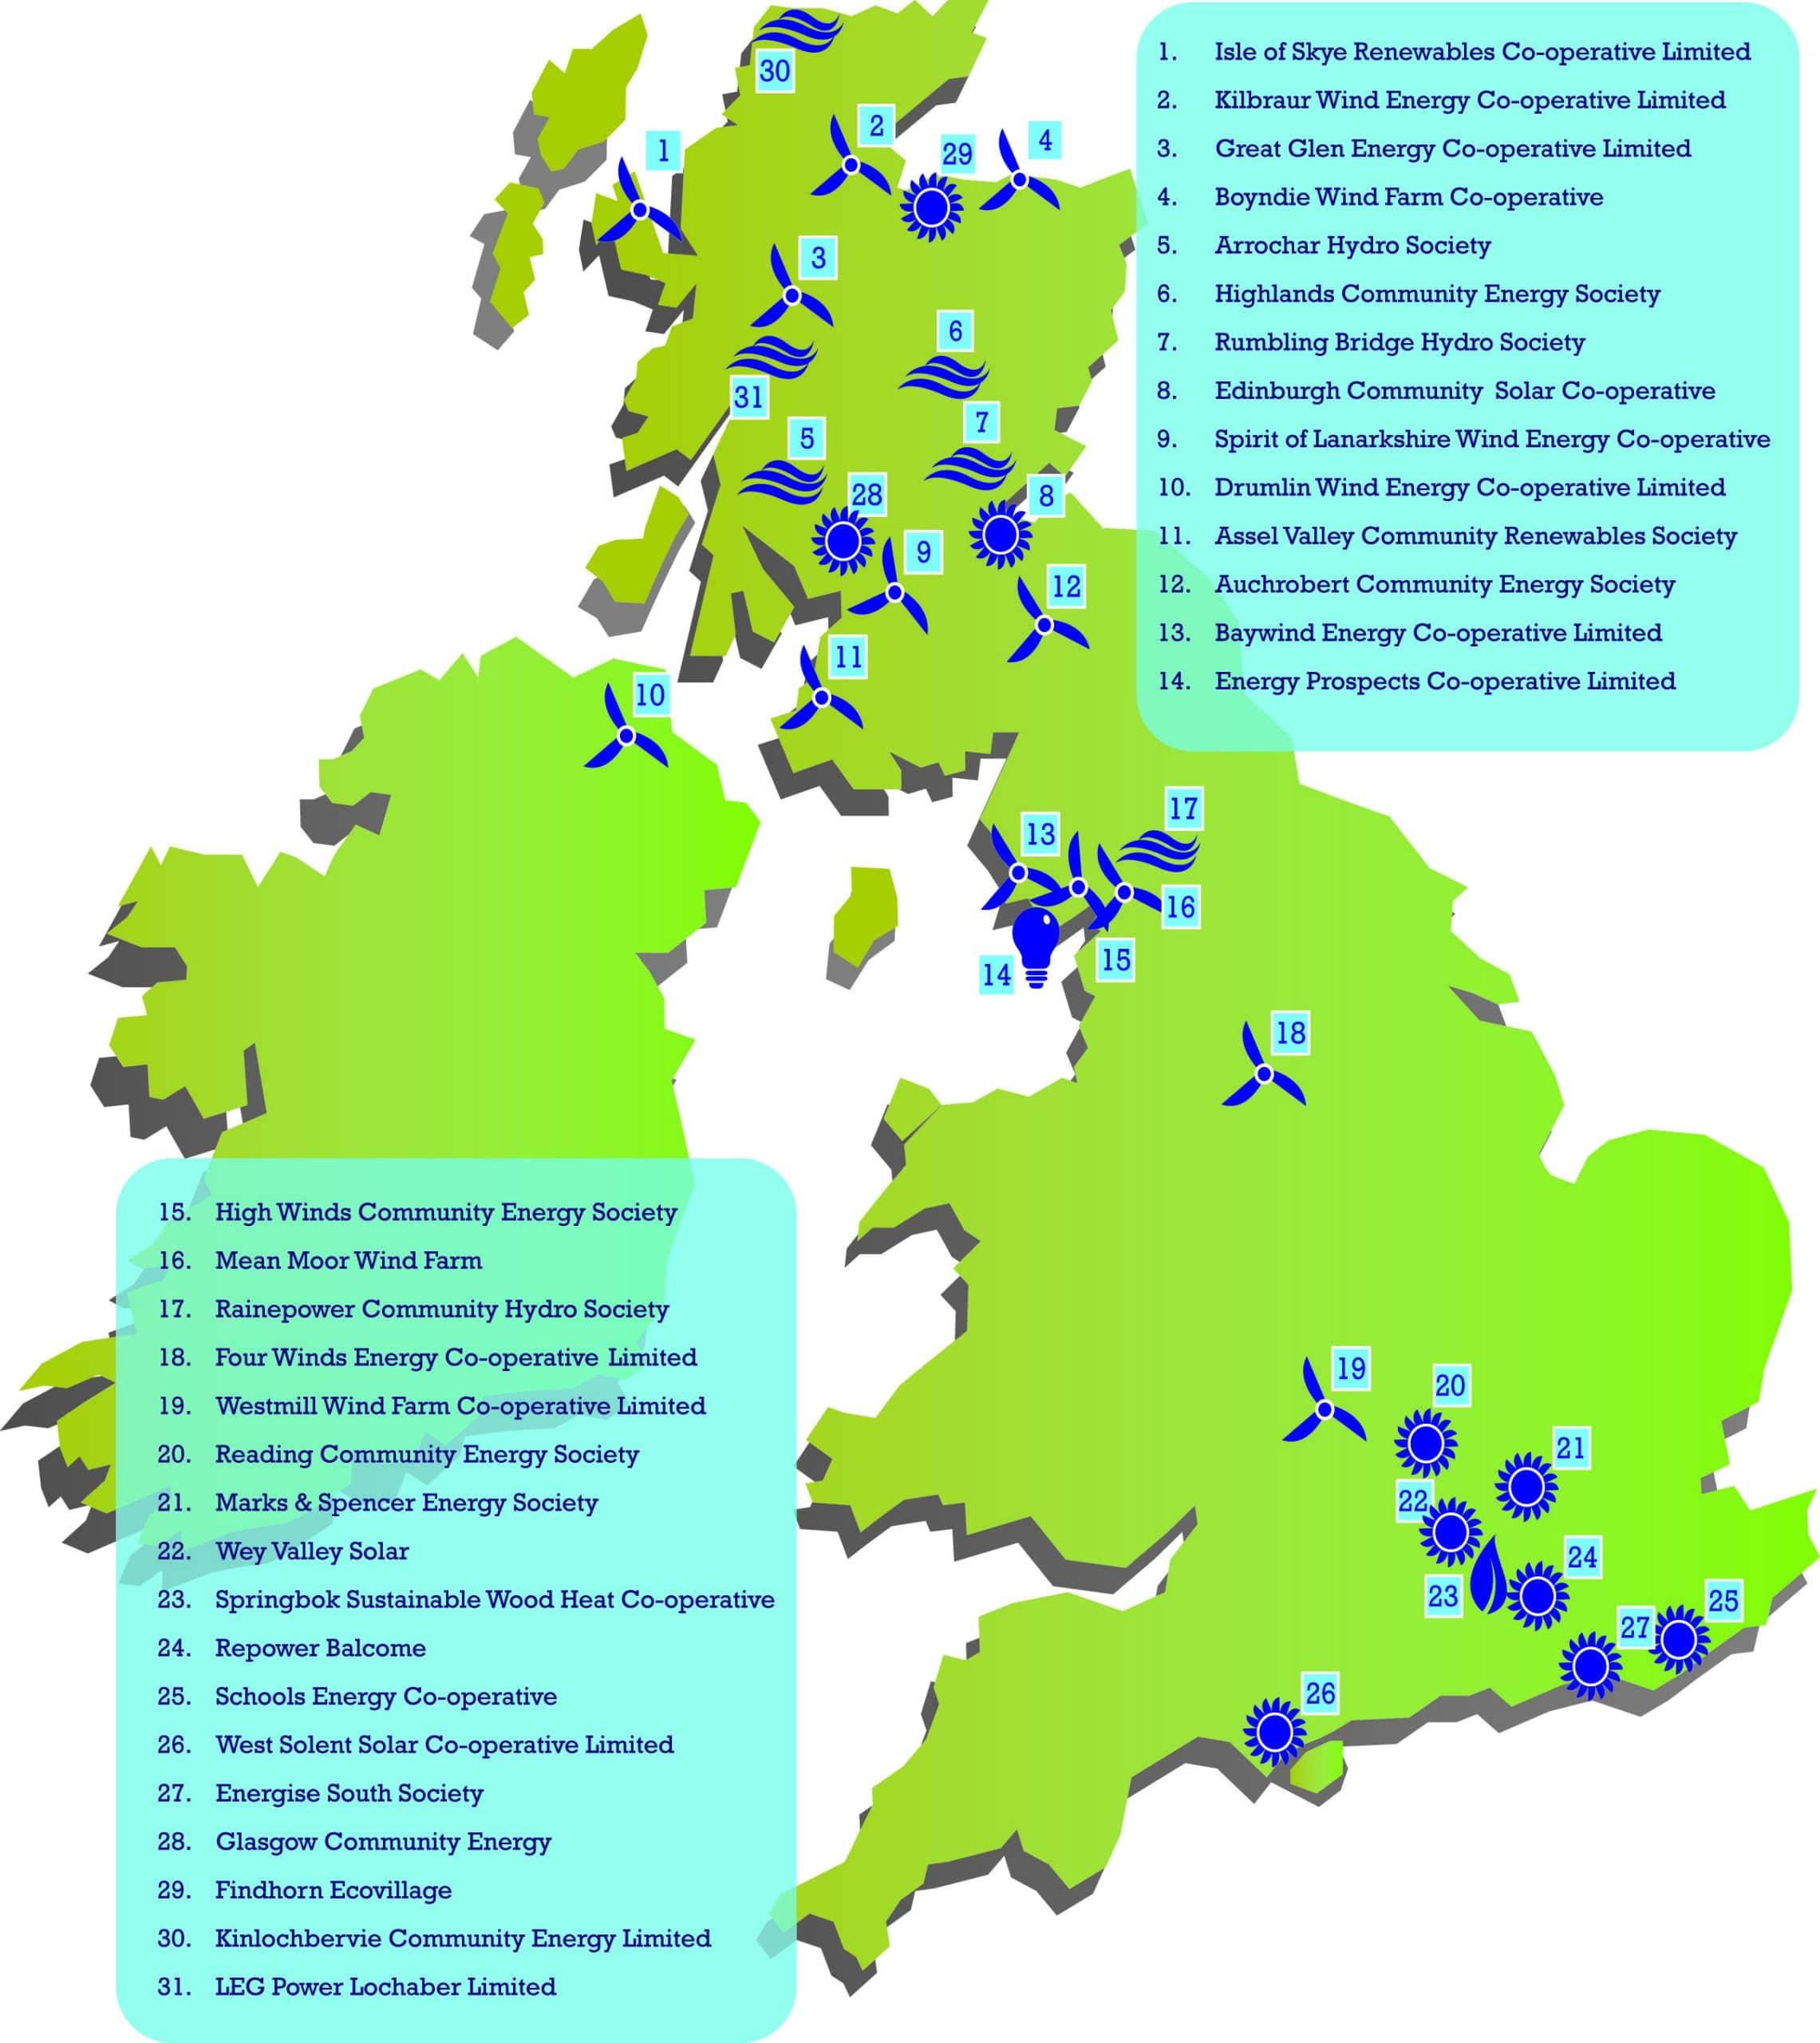 2021 co-op map